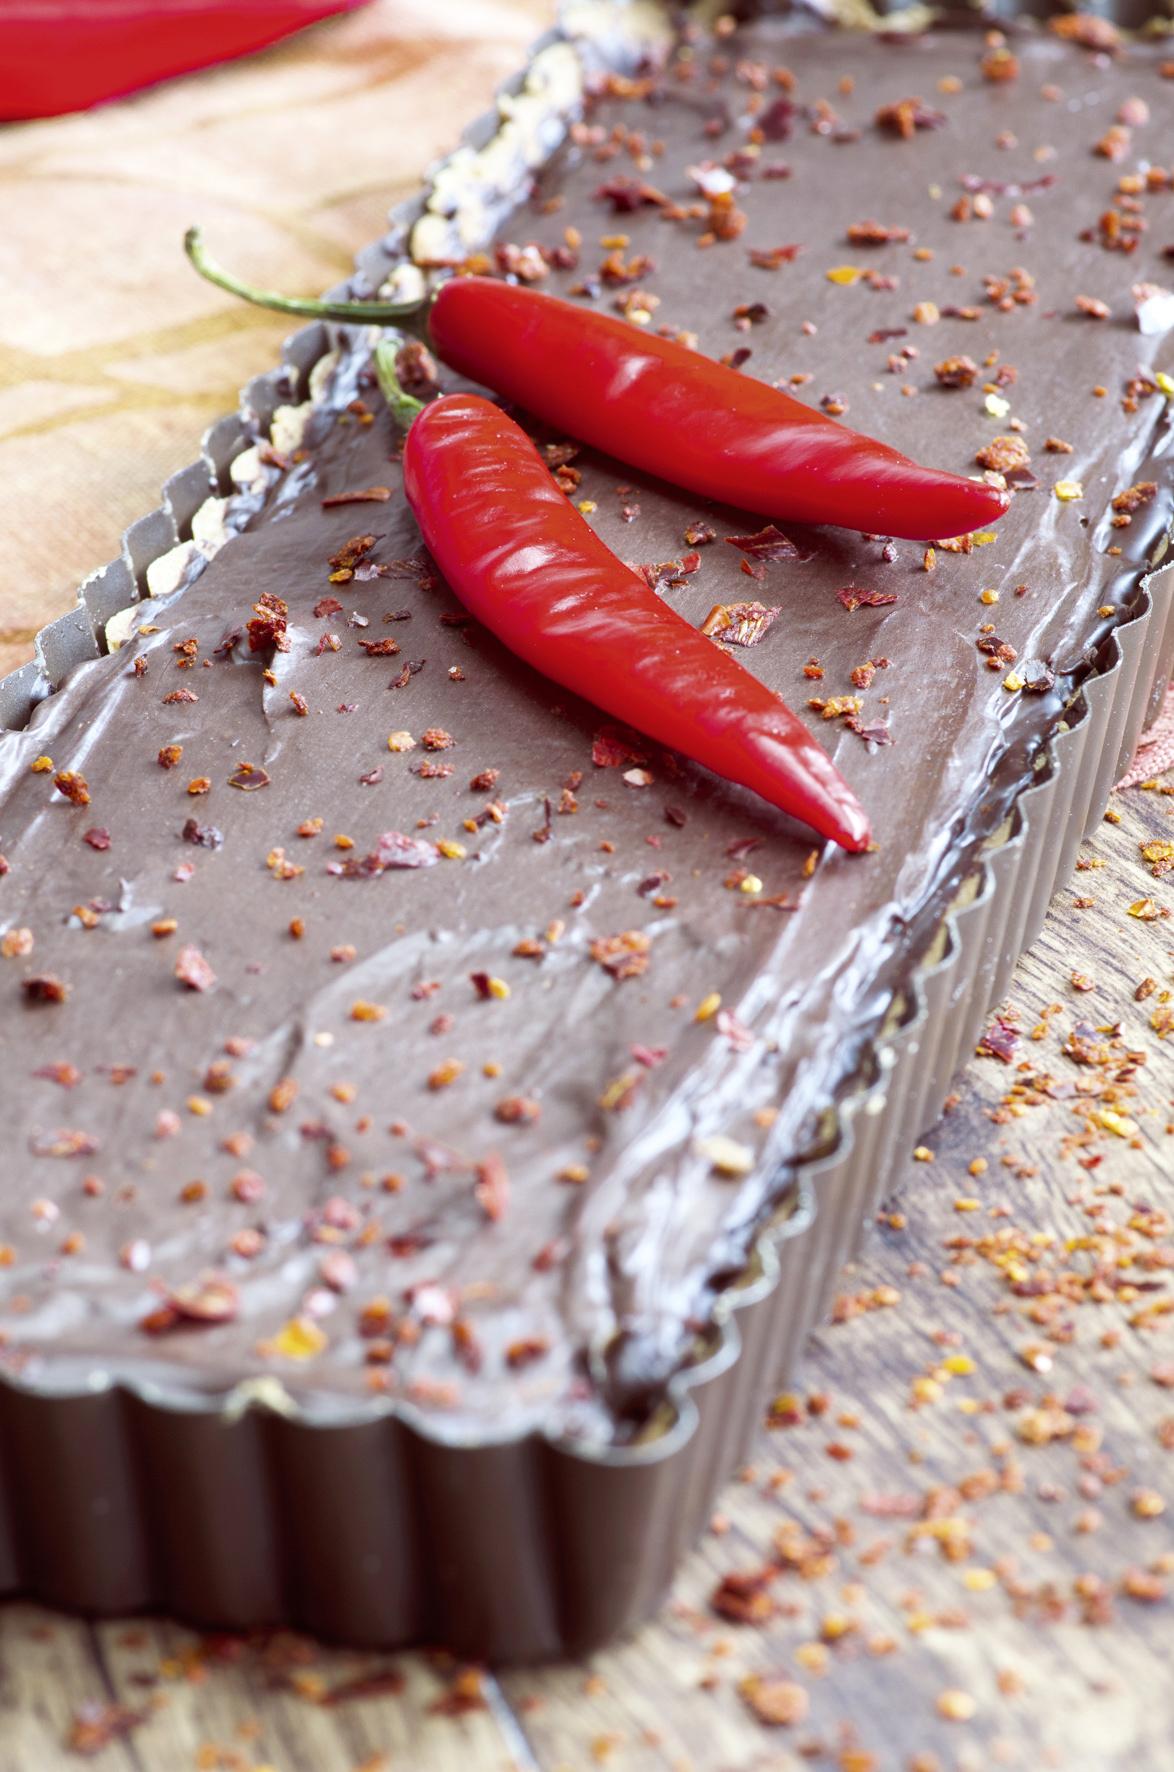 Leckerbissen für Naschkatzen: Tarte au chocolat